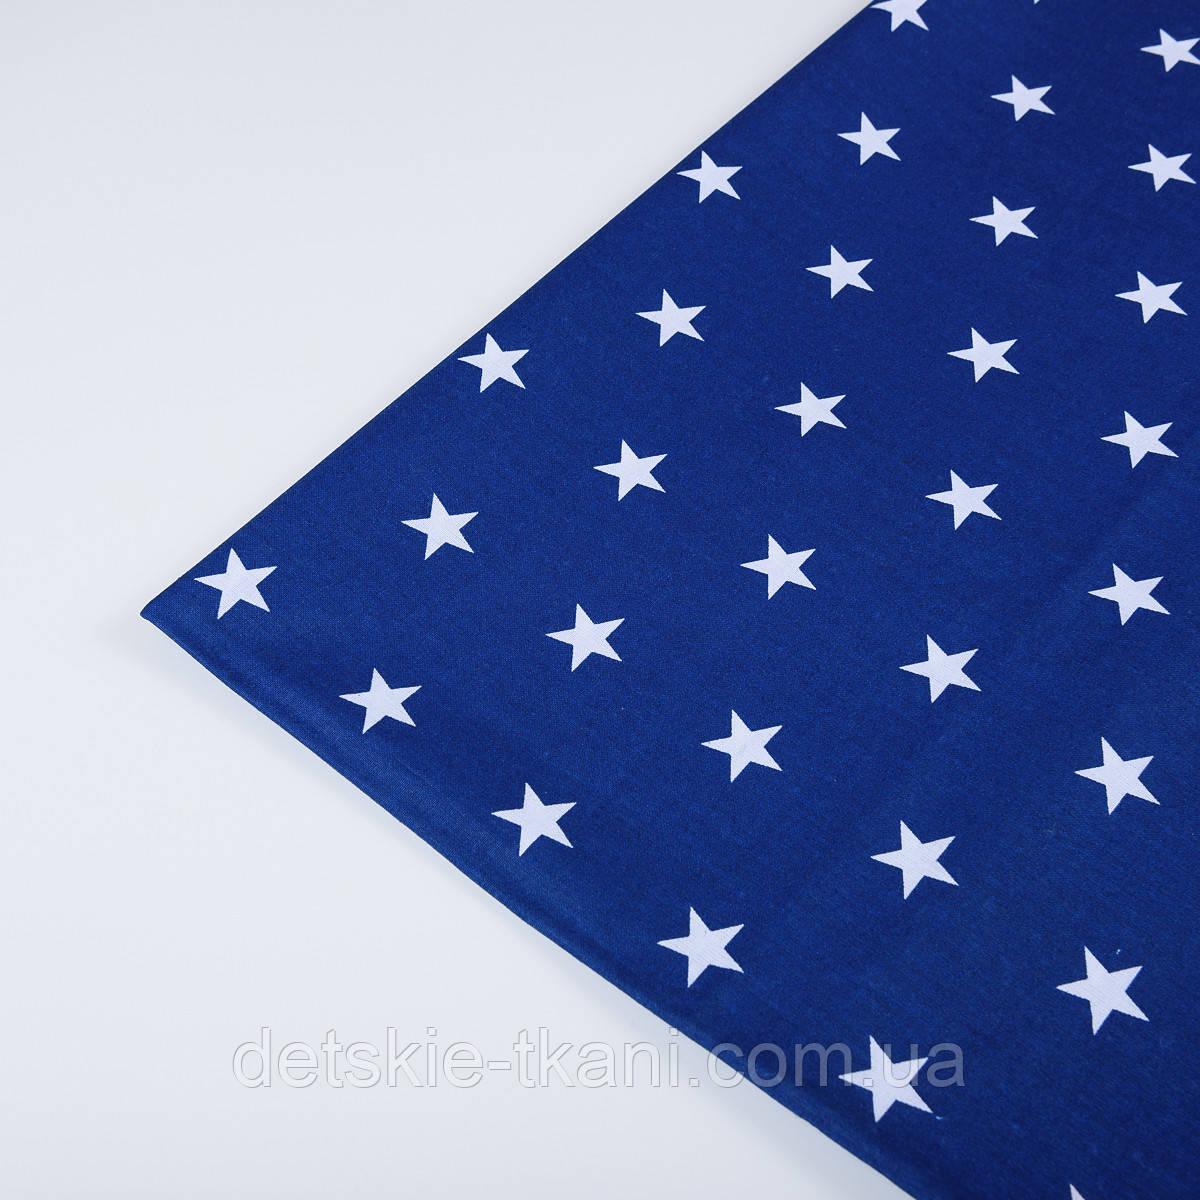 Отрез ткани №161 белые звёздочки на синем фоне